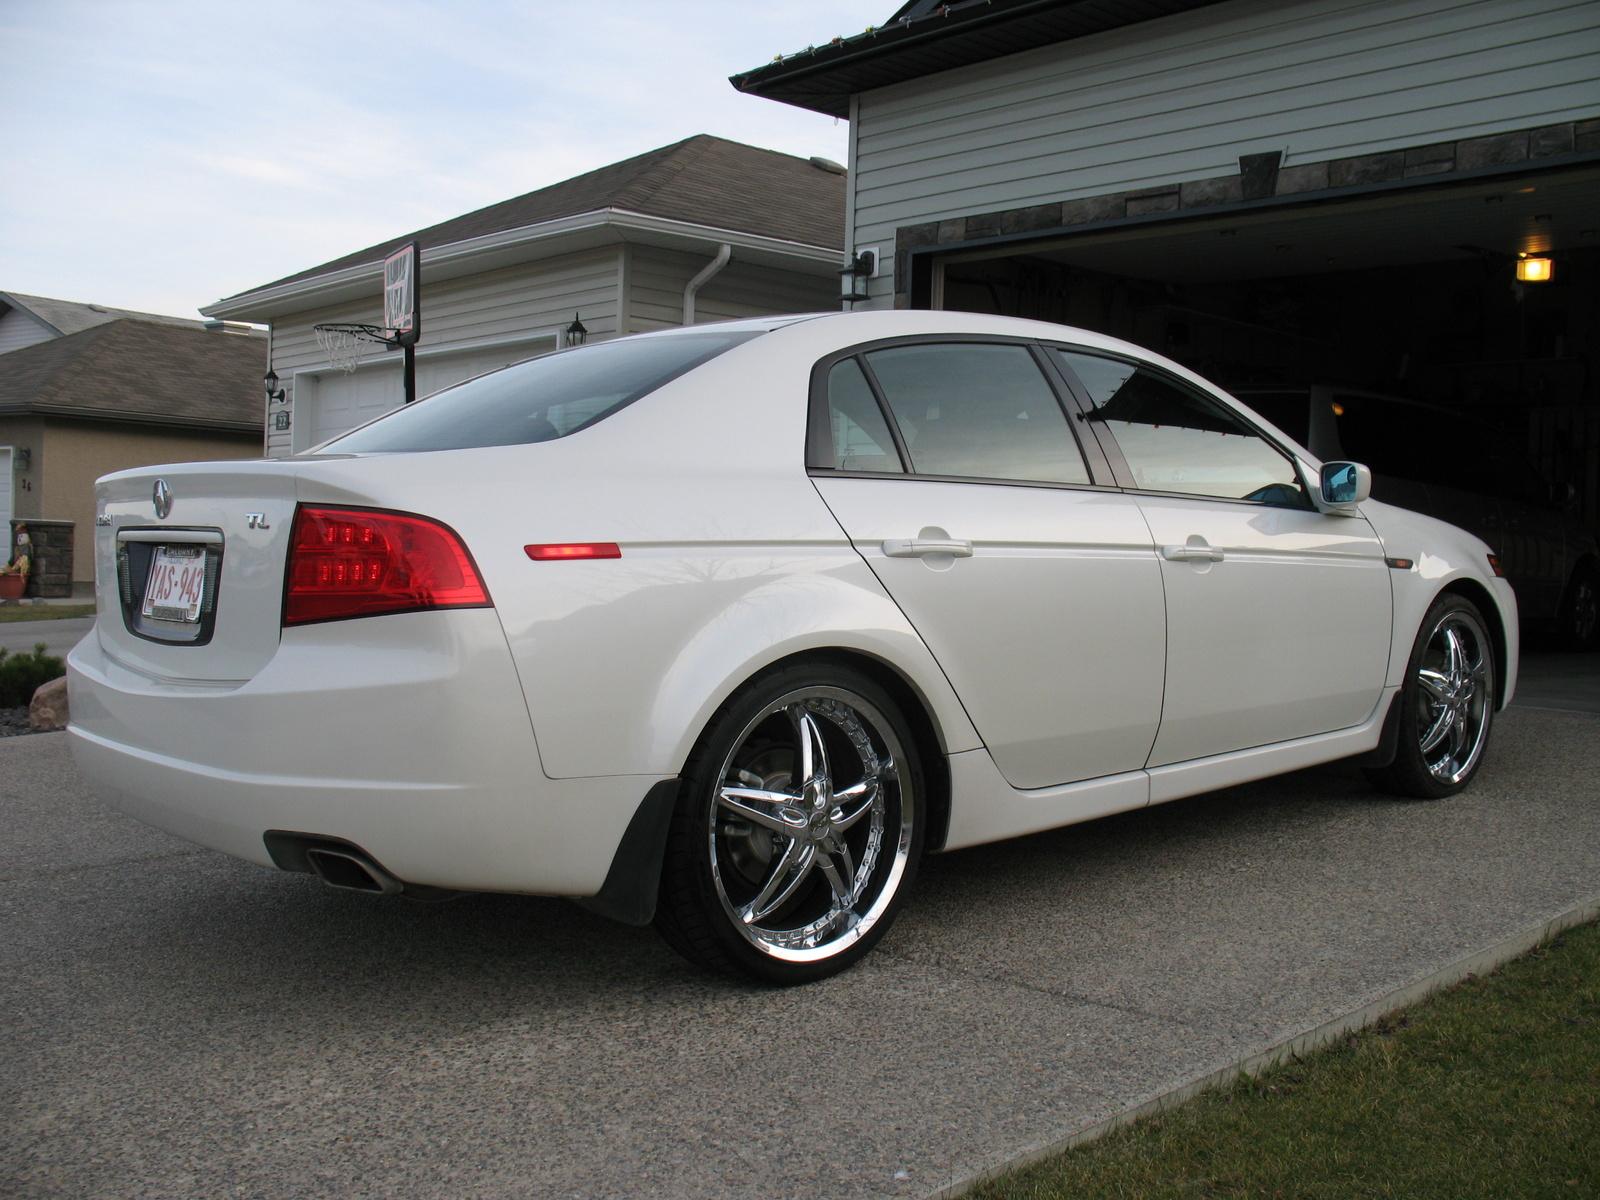 2006 Acura TL - Exterior Pictures - CarGurus